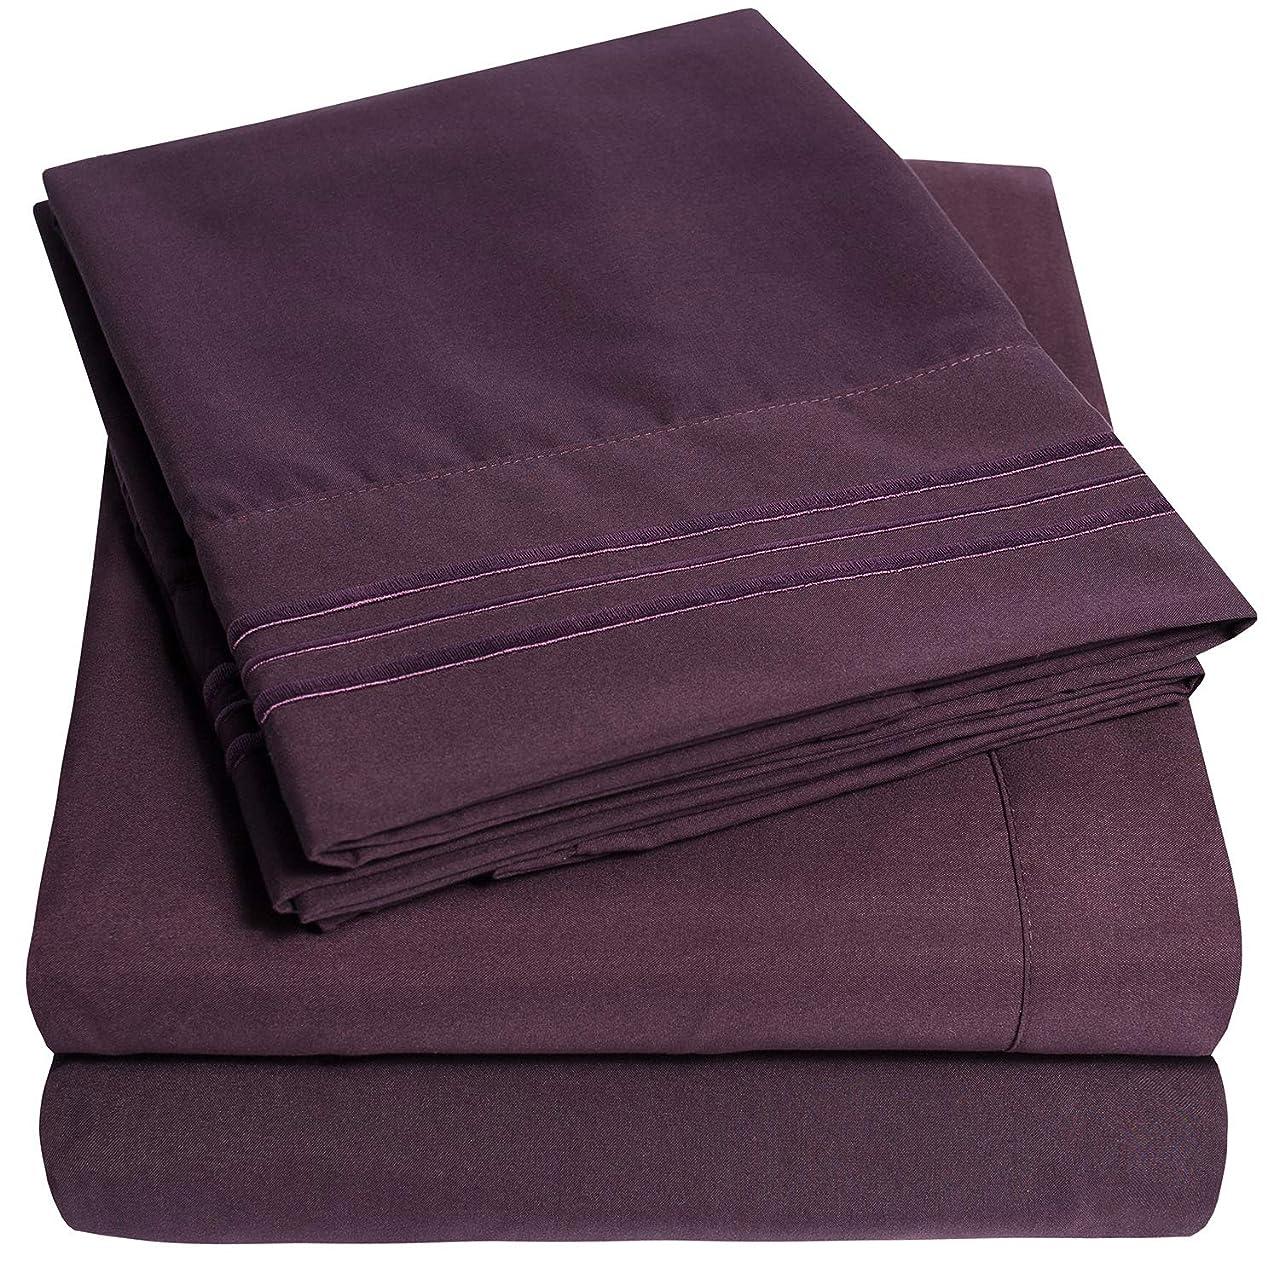 特許批判的1500 Supreme Collection ベッドシーツ - 4点 ベッドシーツセット 深いポケット 最安価格、SINCE 2012 - しわができにくい低刺激性寝具 23色 - キング、パープル